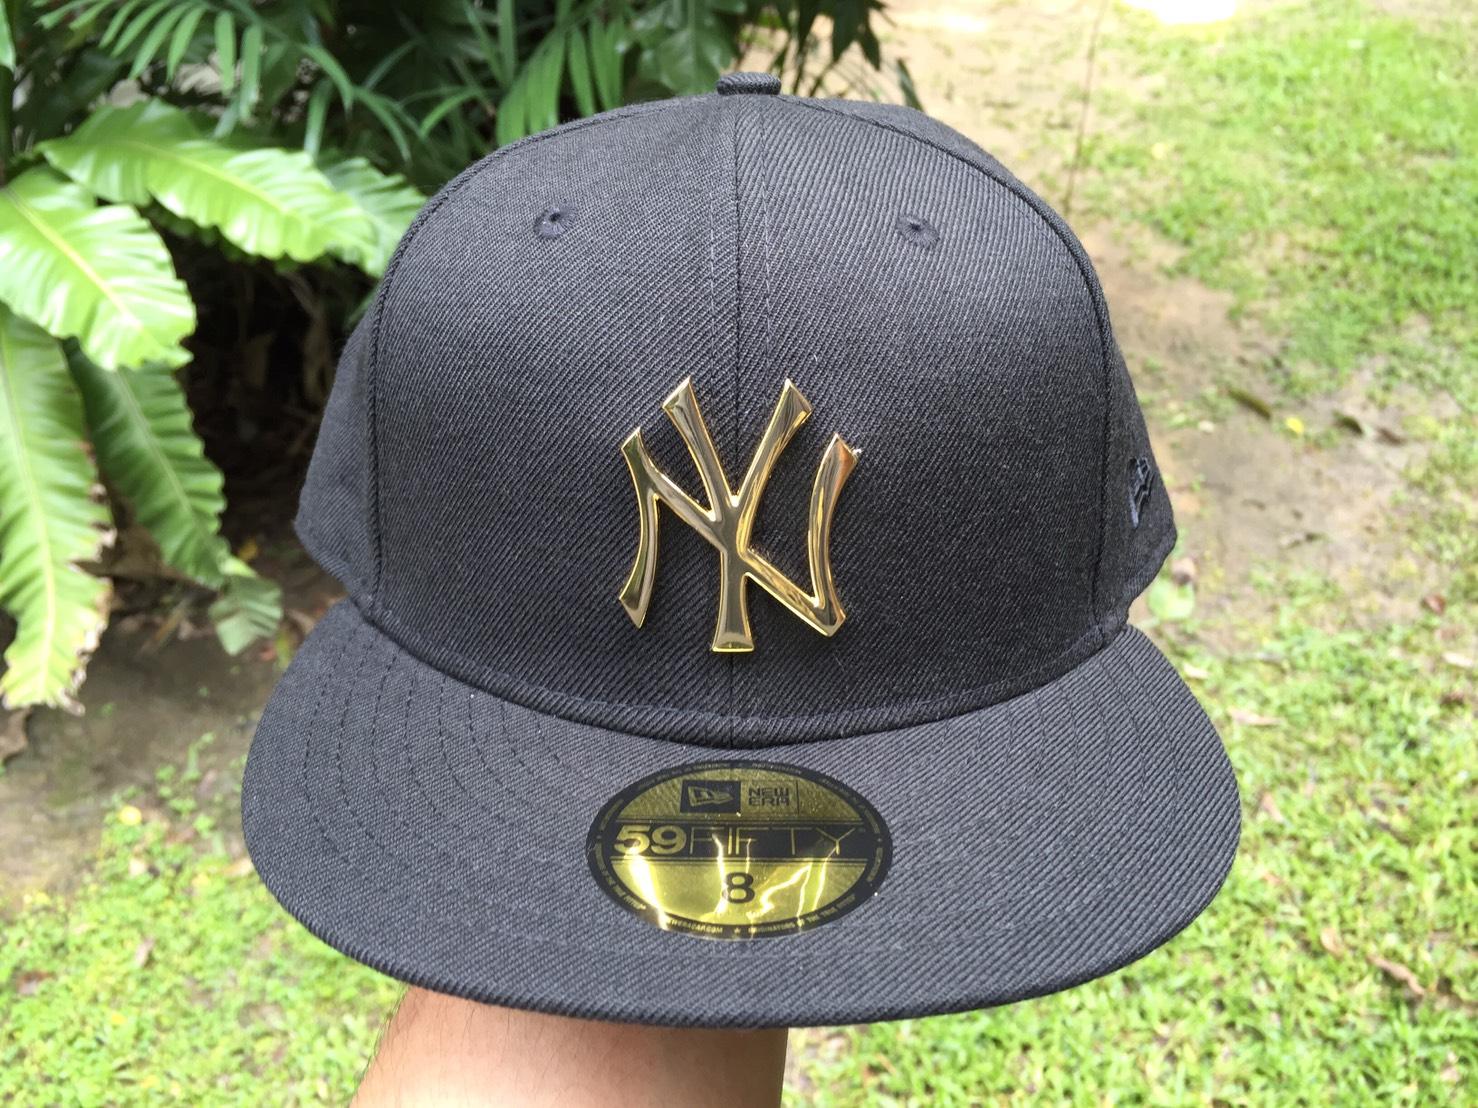 หมวก New Era Metal Badge Gold 59fifty